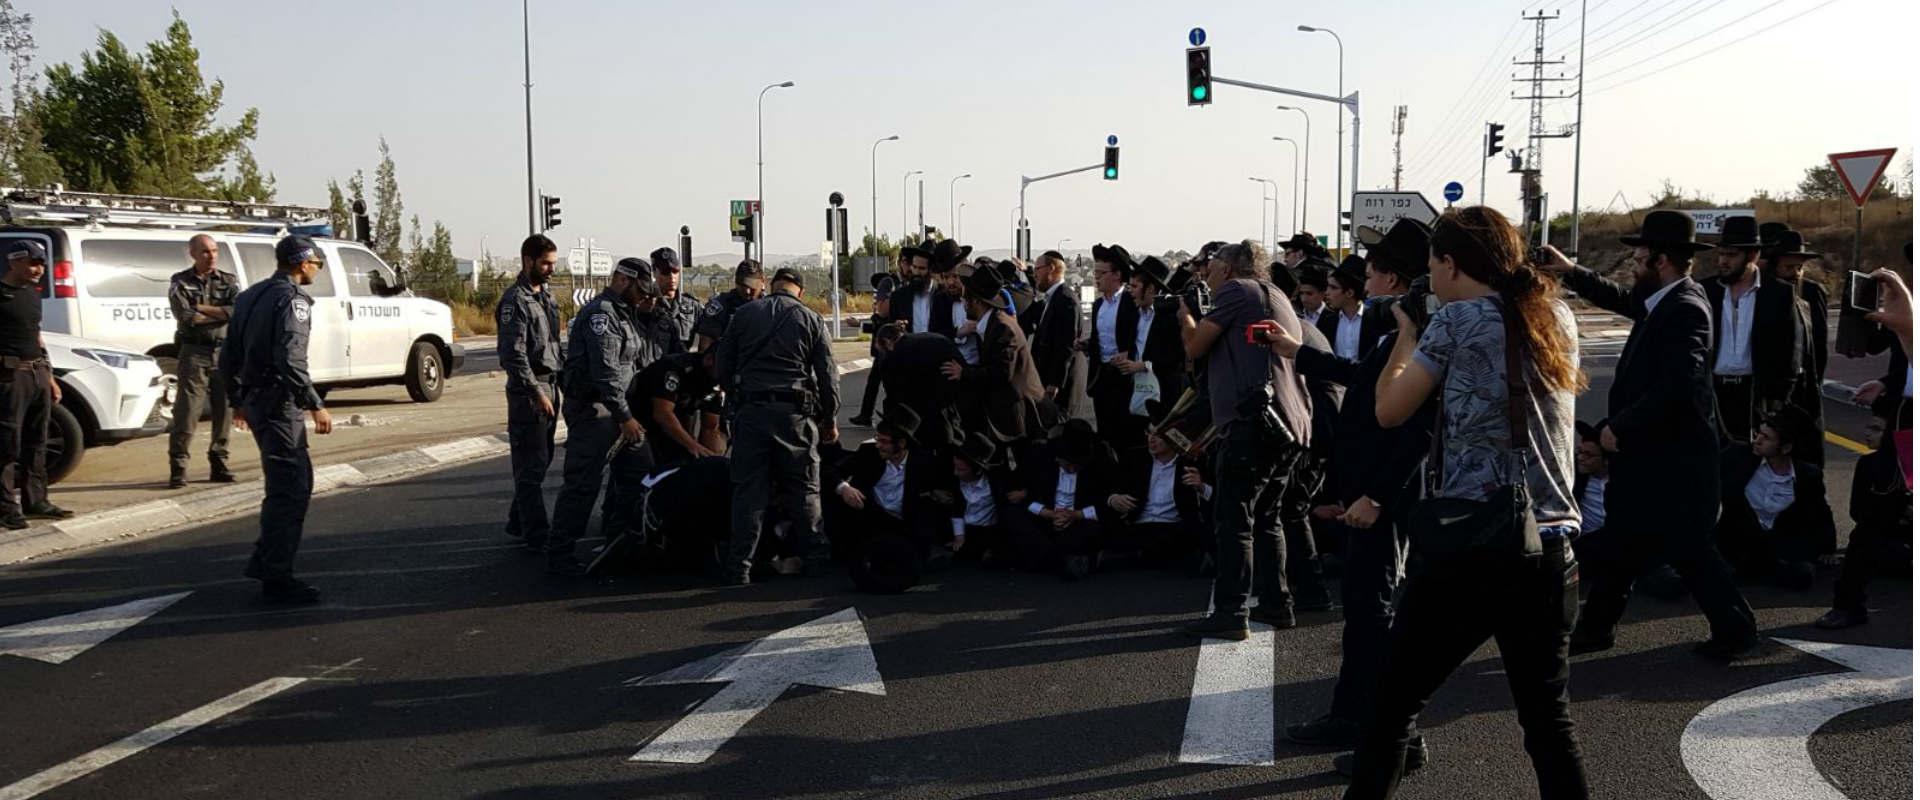 ההפגנה סמוך לצומת שילת, הבוקר